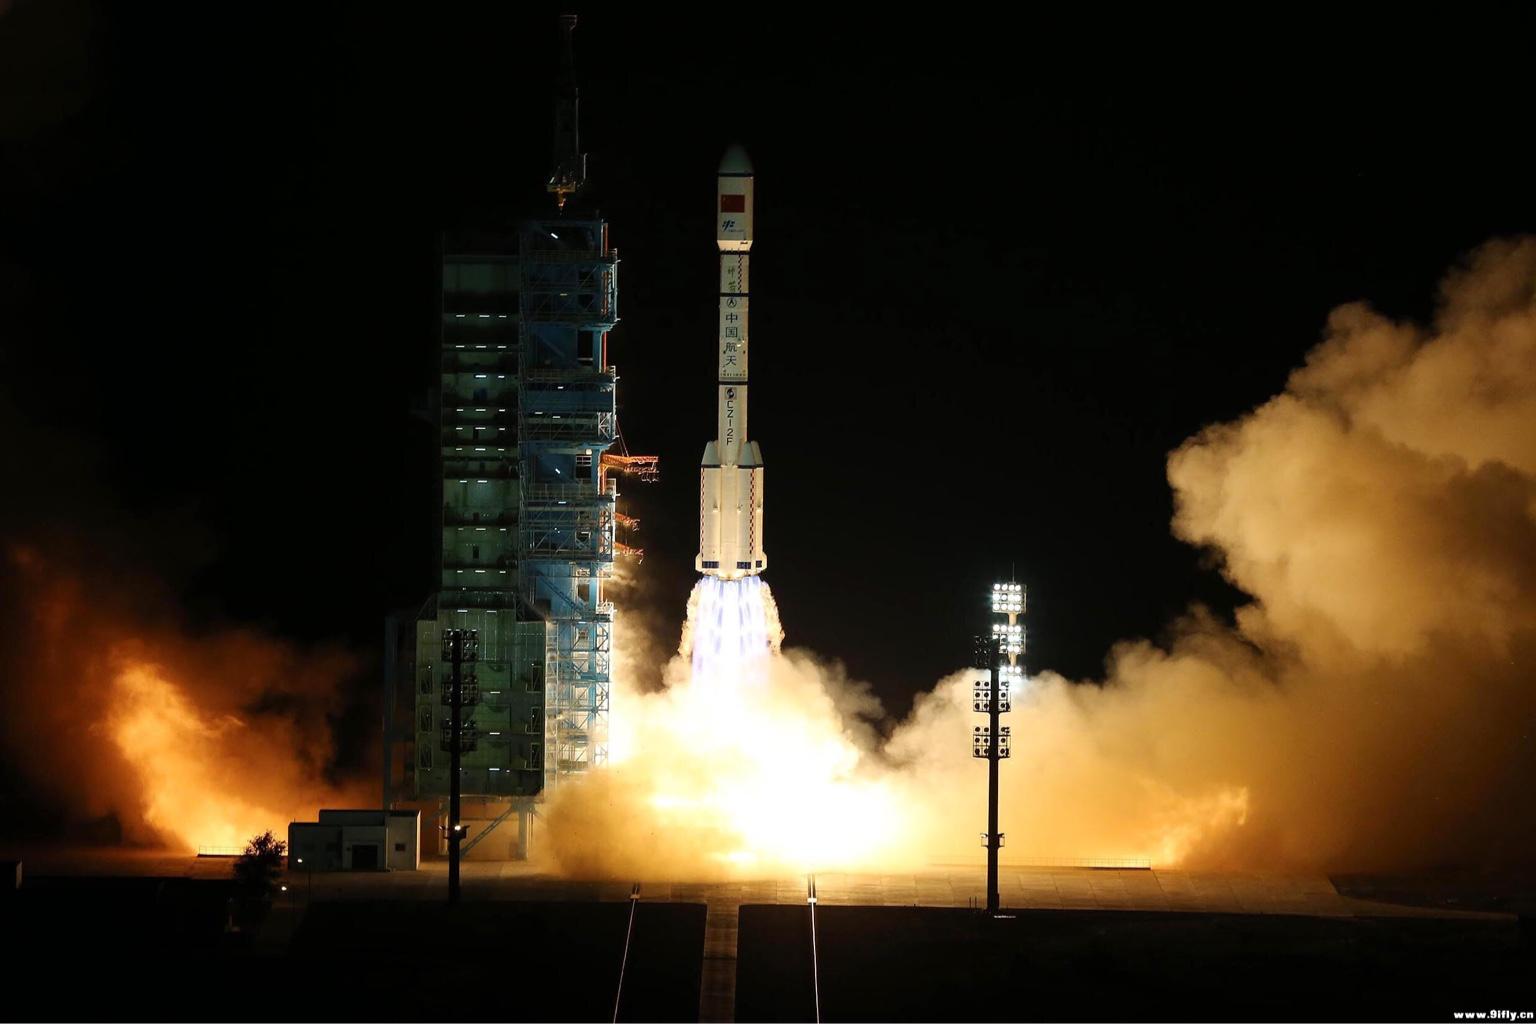 Lanciata la nuova stazione spaziale cinese Tiangong-2